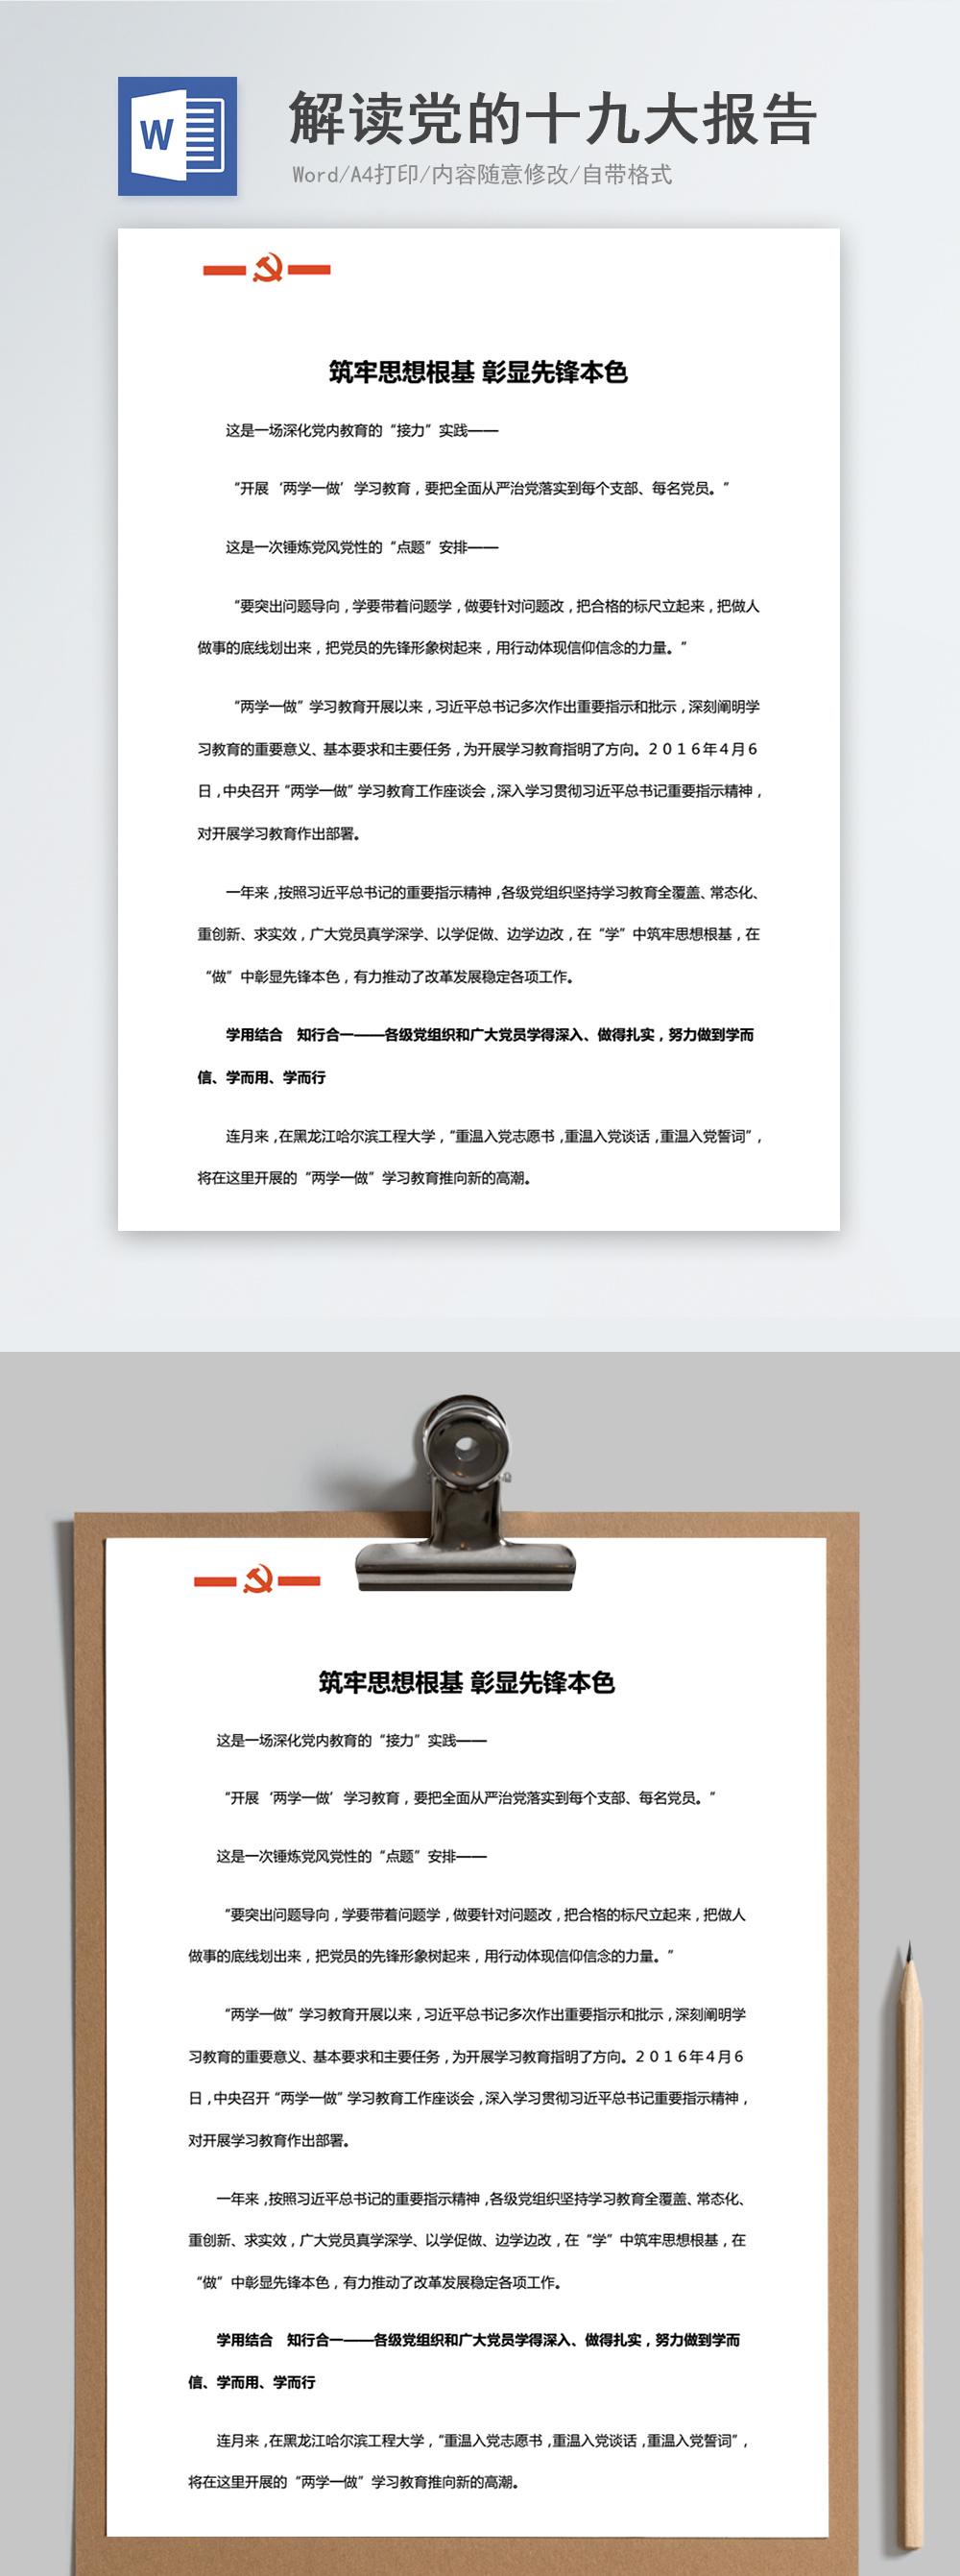 解读党的十九大报告word模板图片